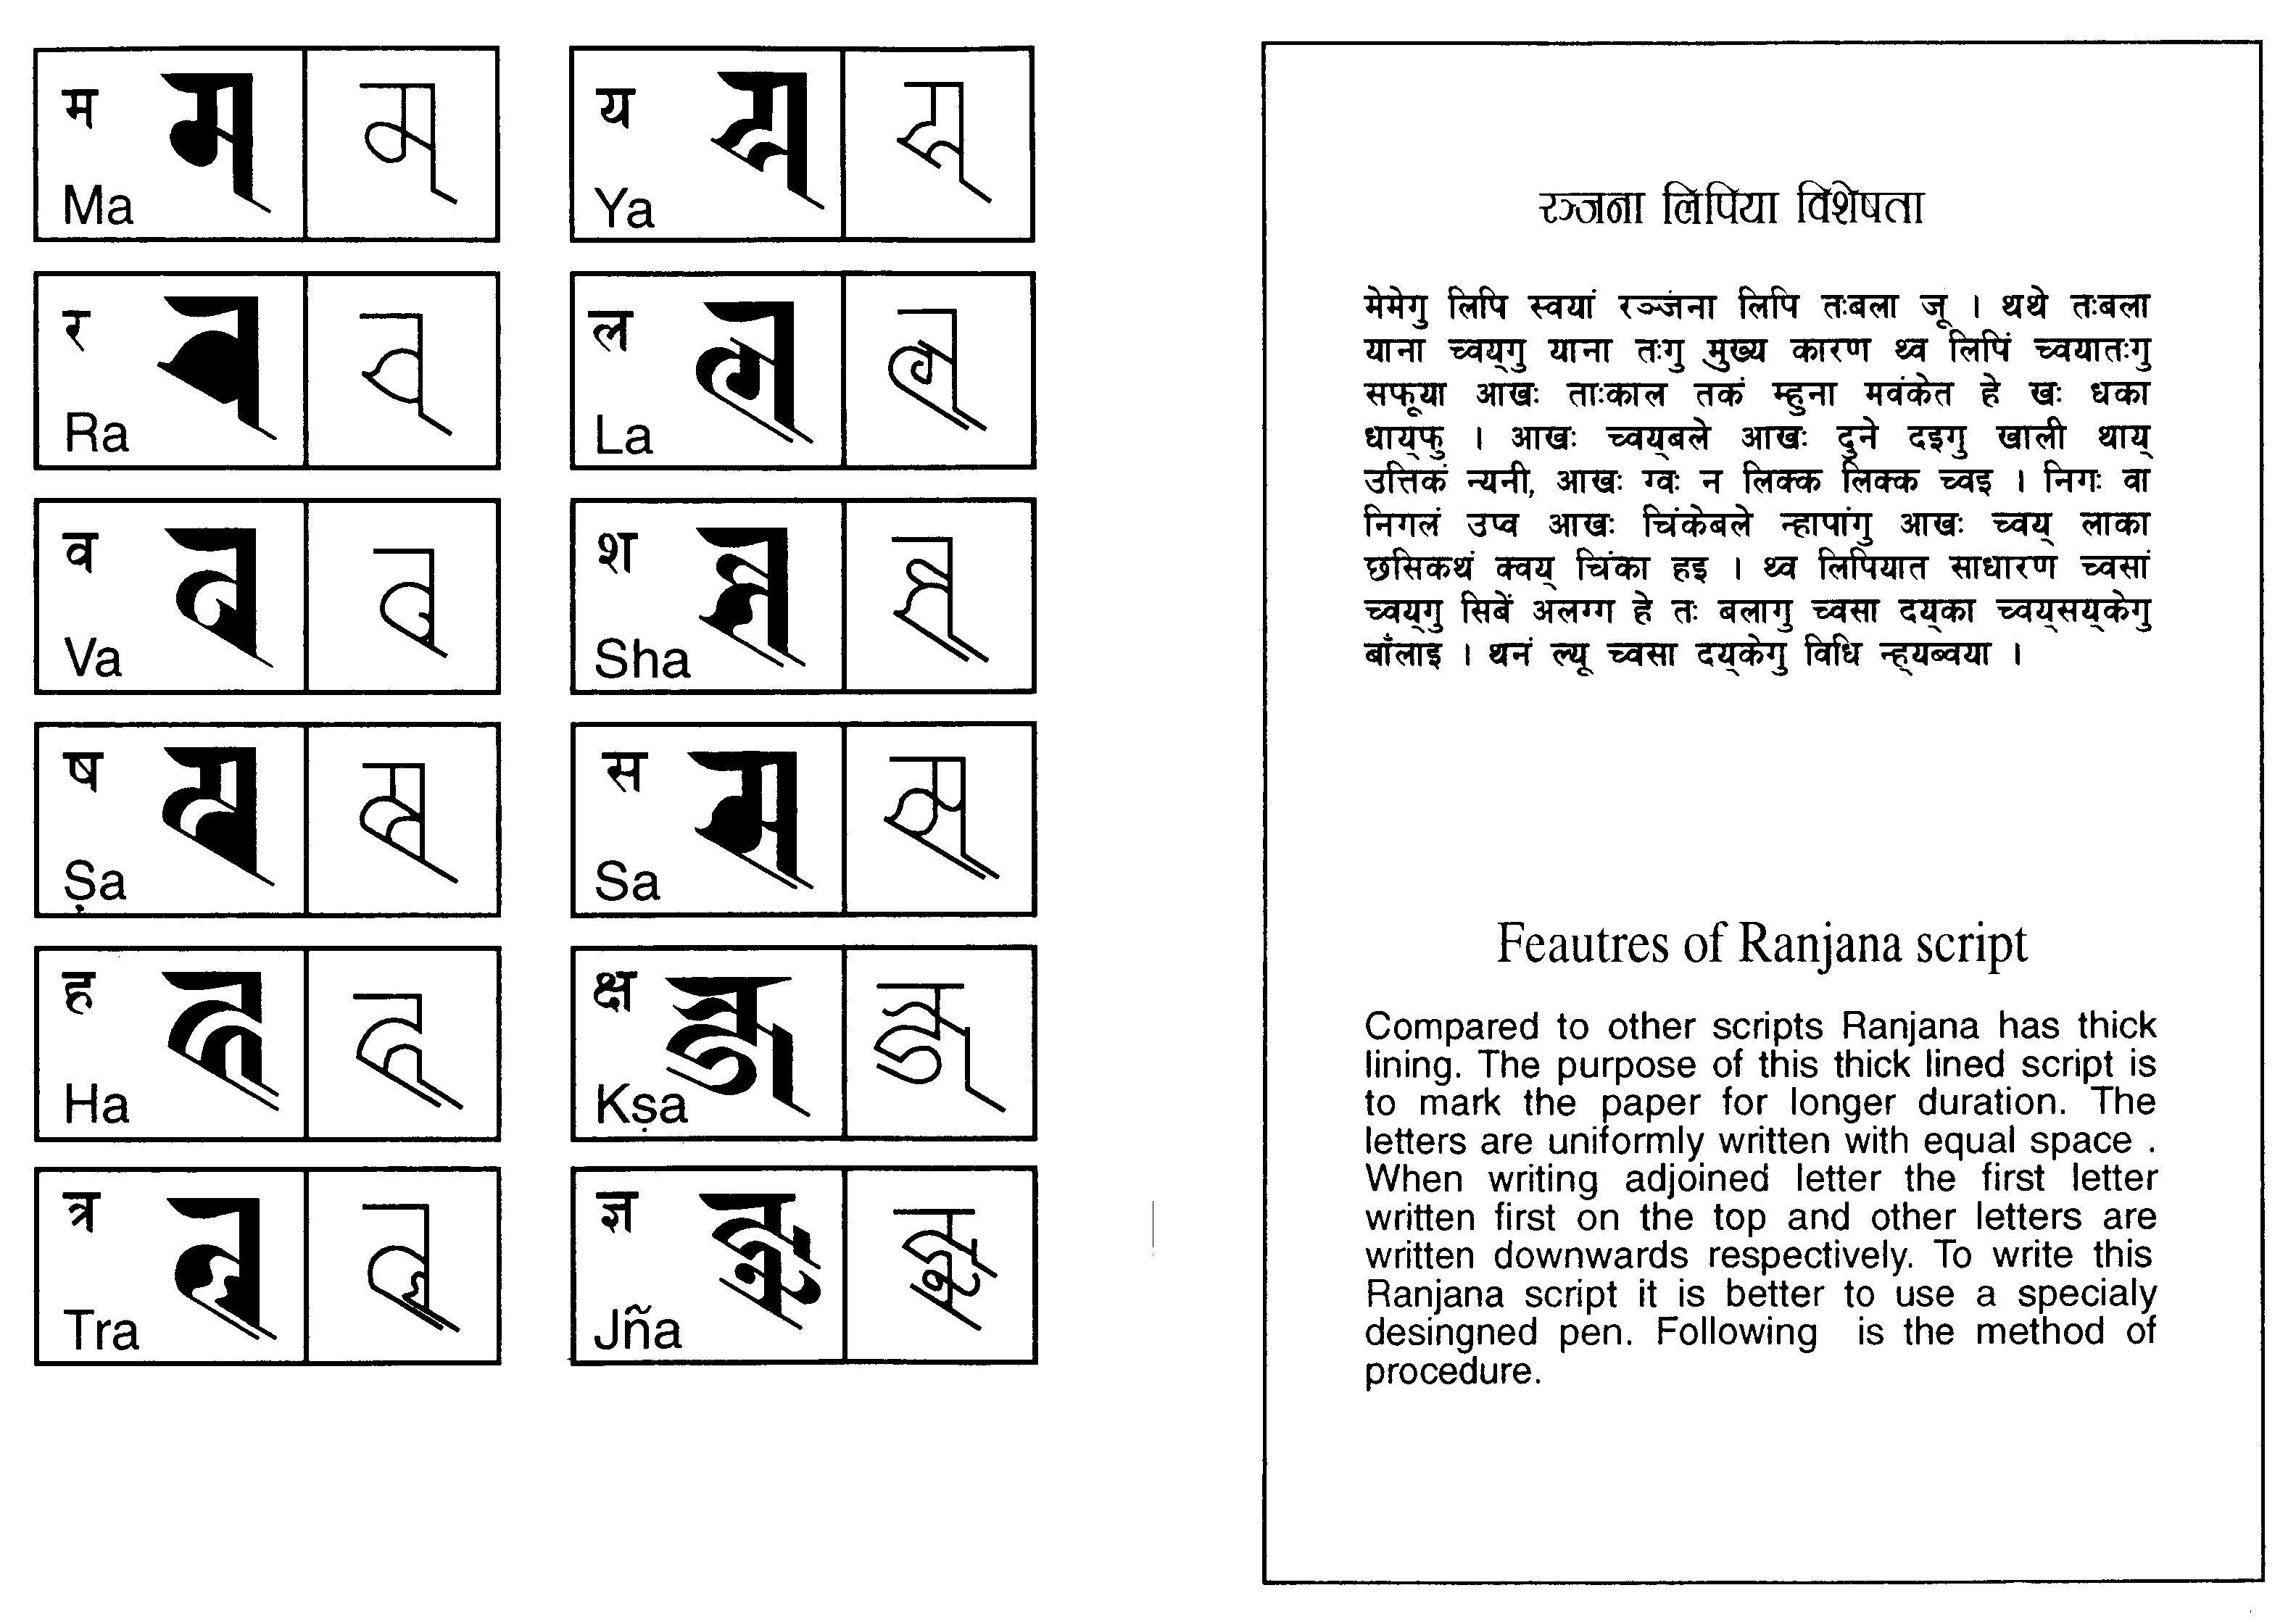 Features of ranjana script httpspinterestaanndaranjana features of ranjana script httpspinterestaannda altavistaventures Images